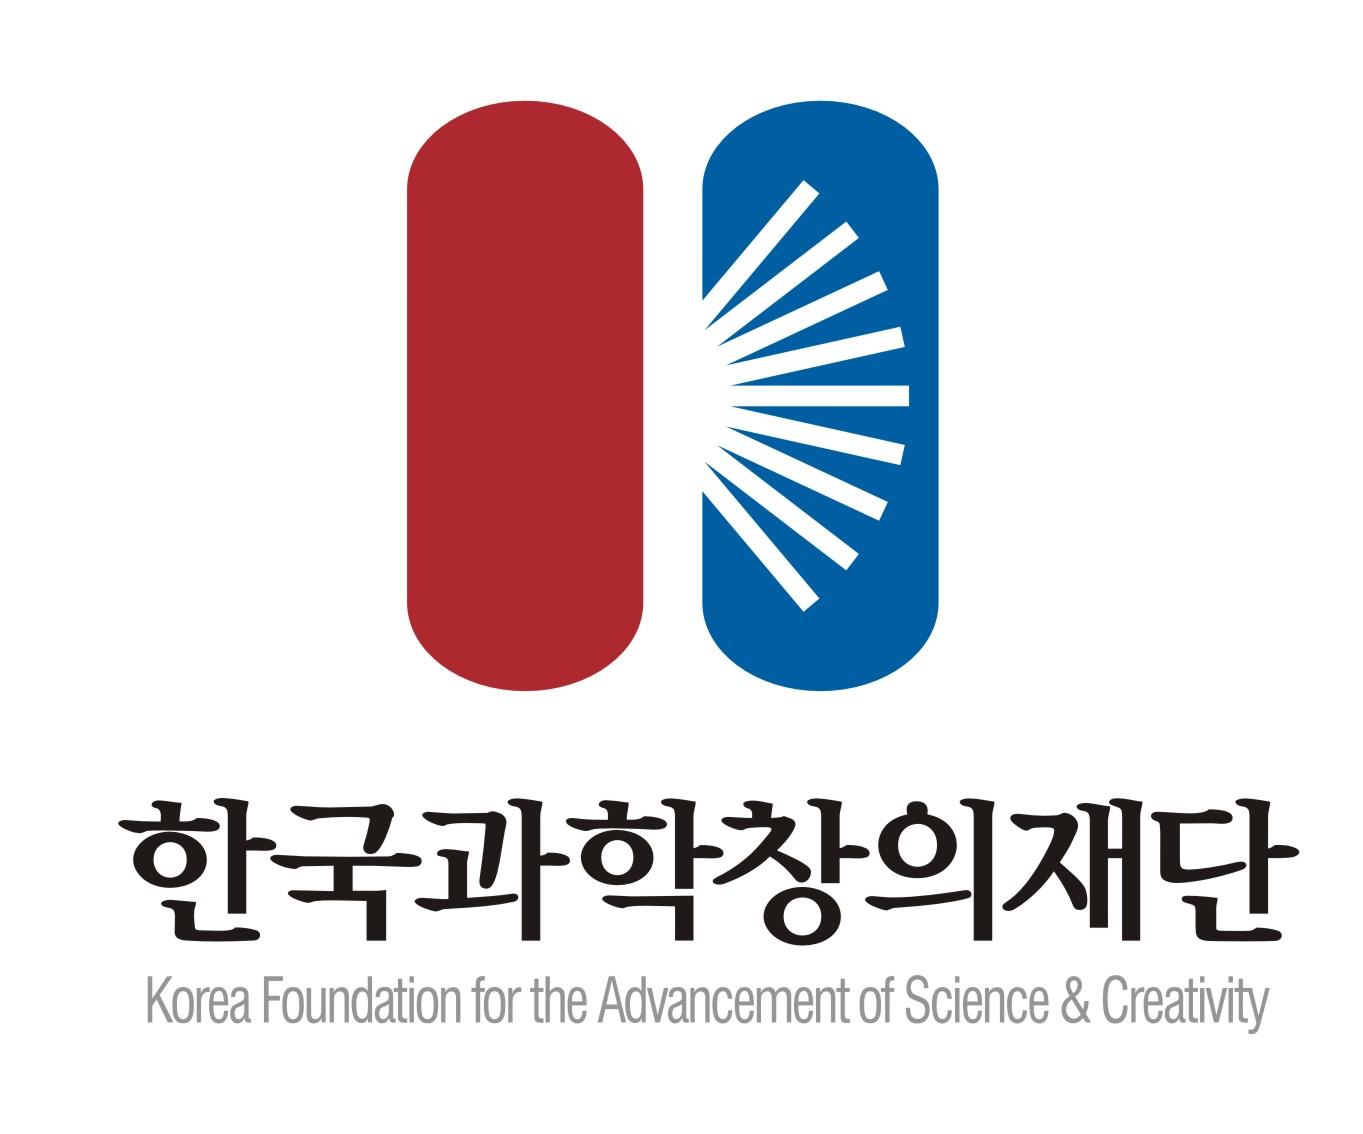 (재)한국과학창의재단